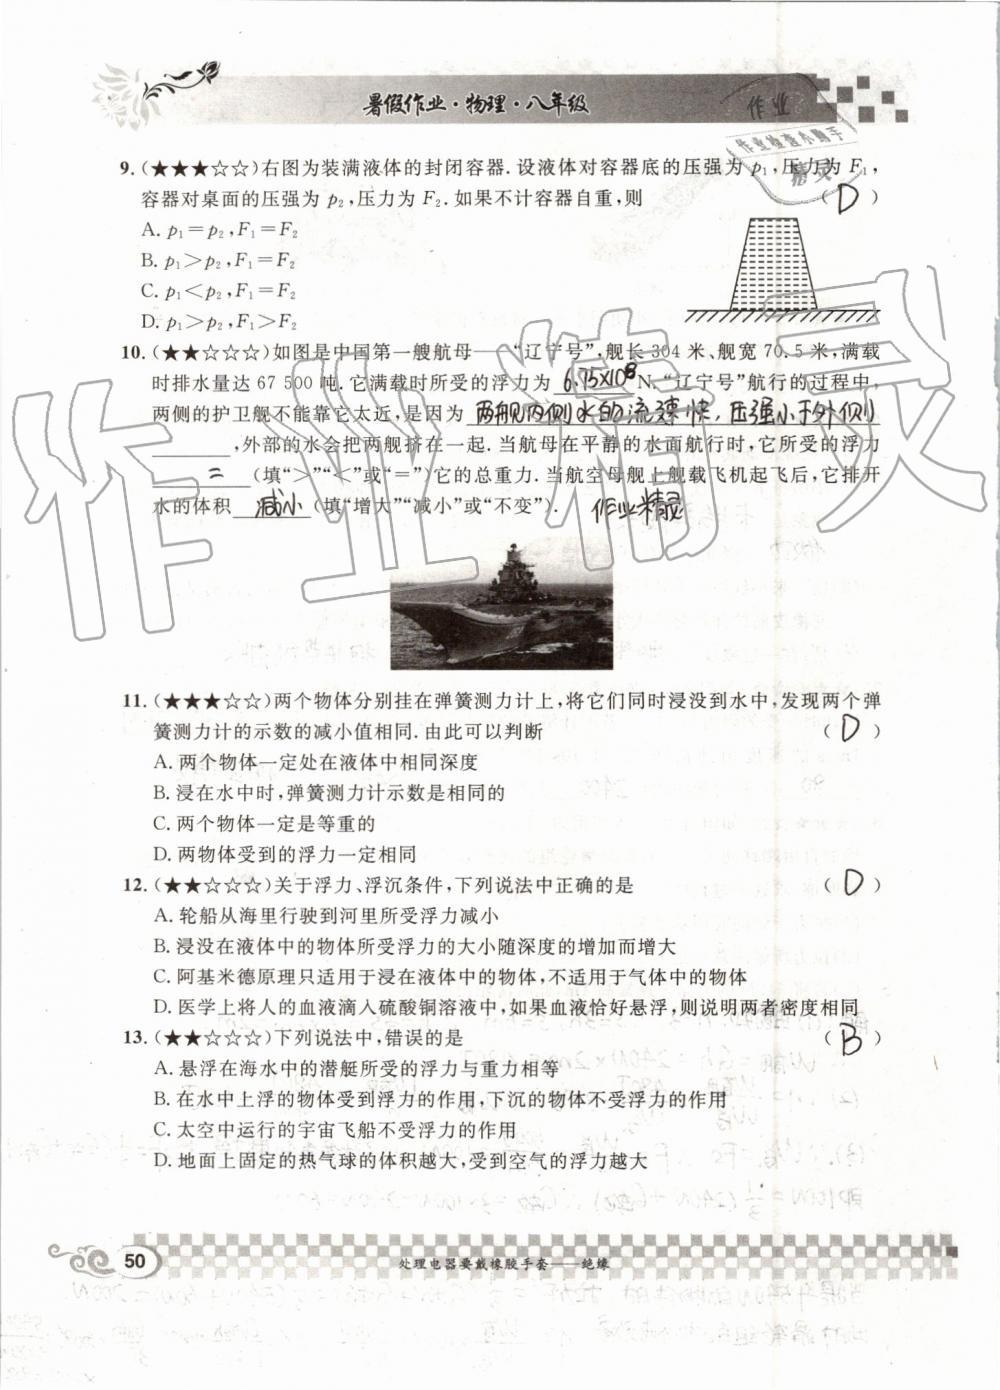 2019年长江暑假作业八年级物理崇文书局第50页